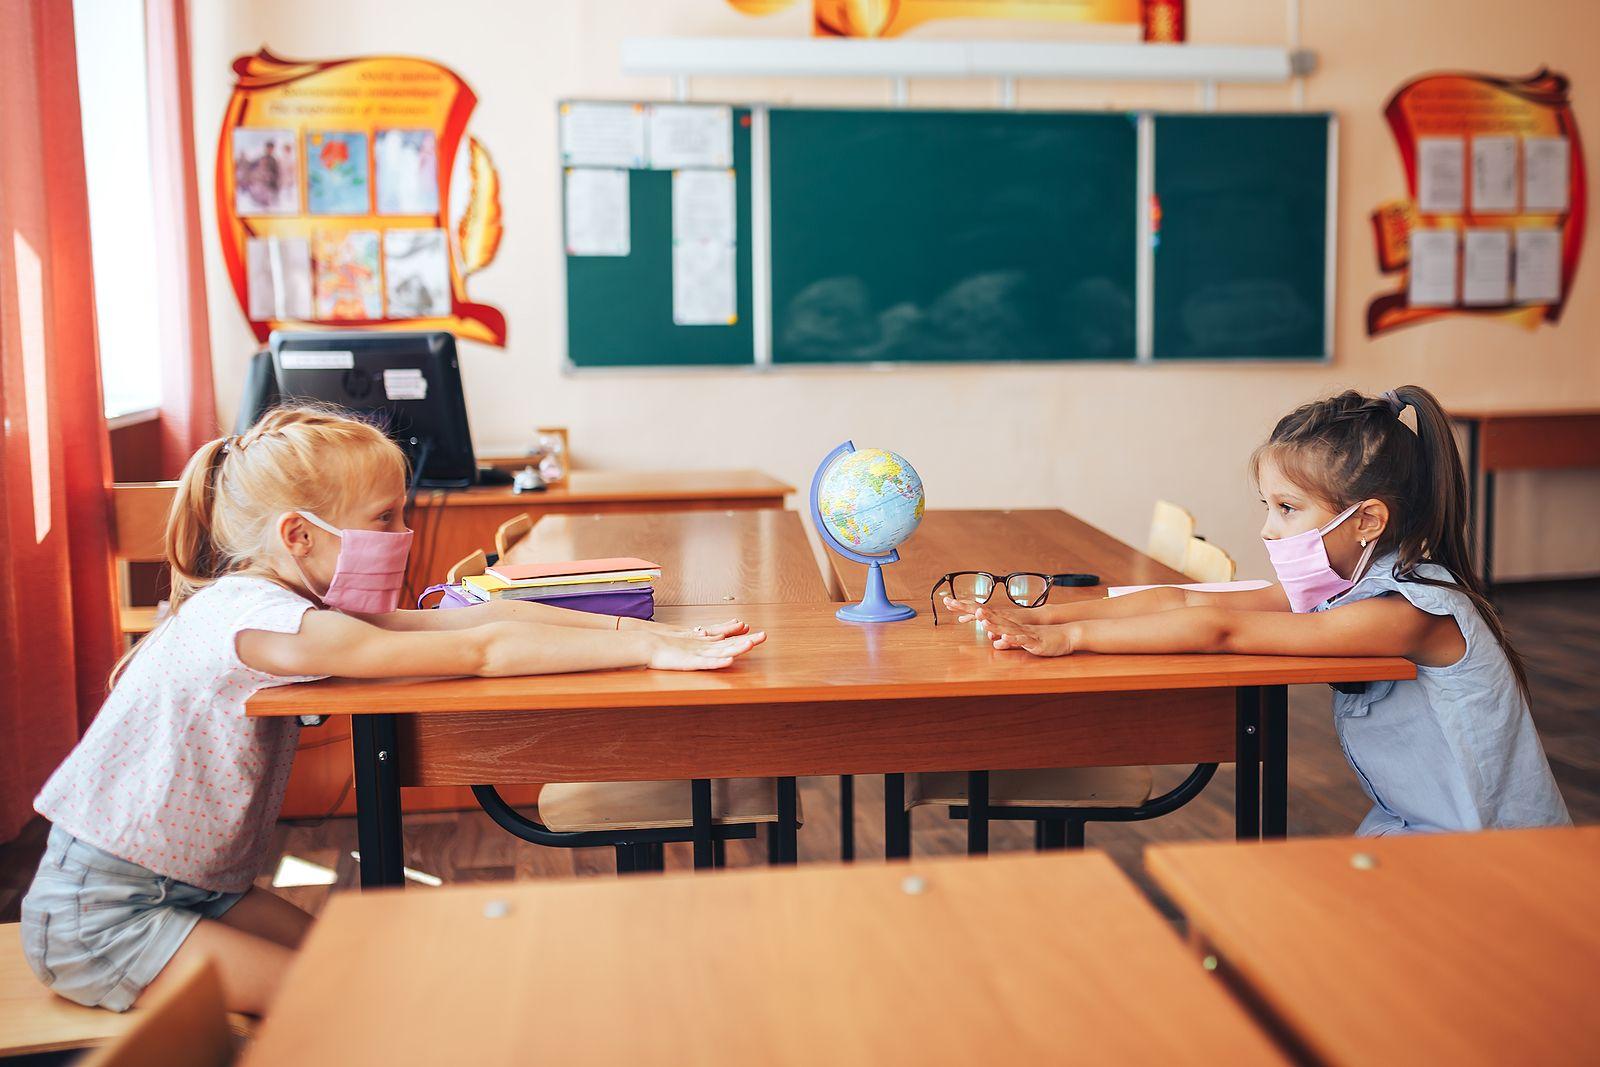 Jak przygotować dziecko do powrotu do szkoły w dobie Covid-19? Specjaliści radzą